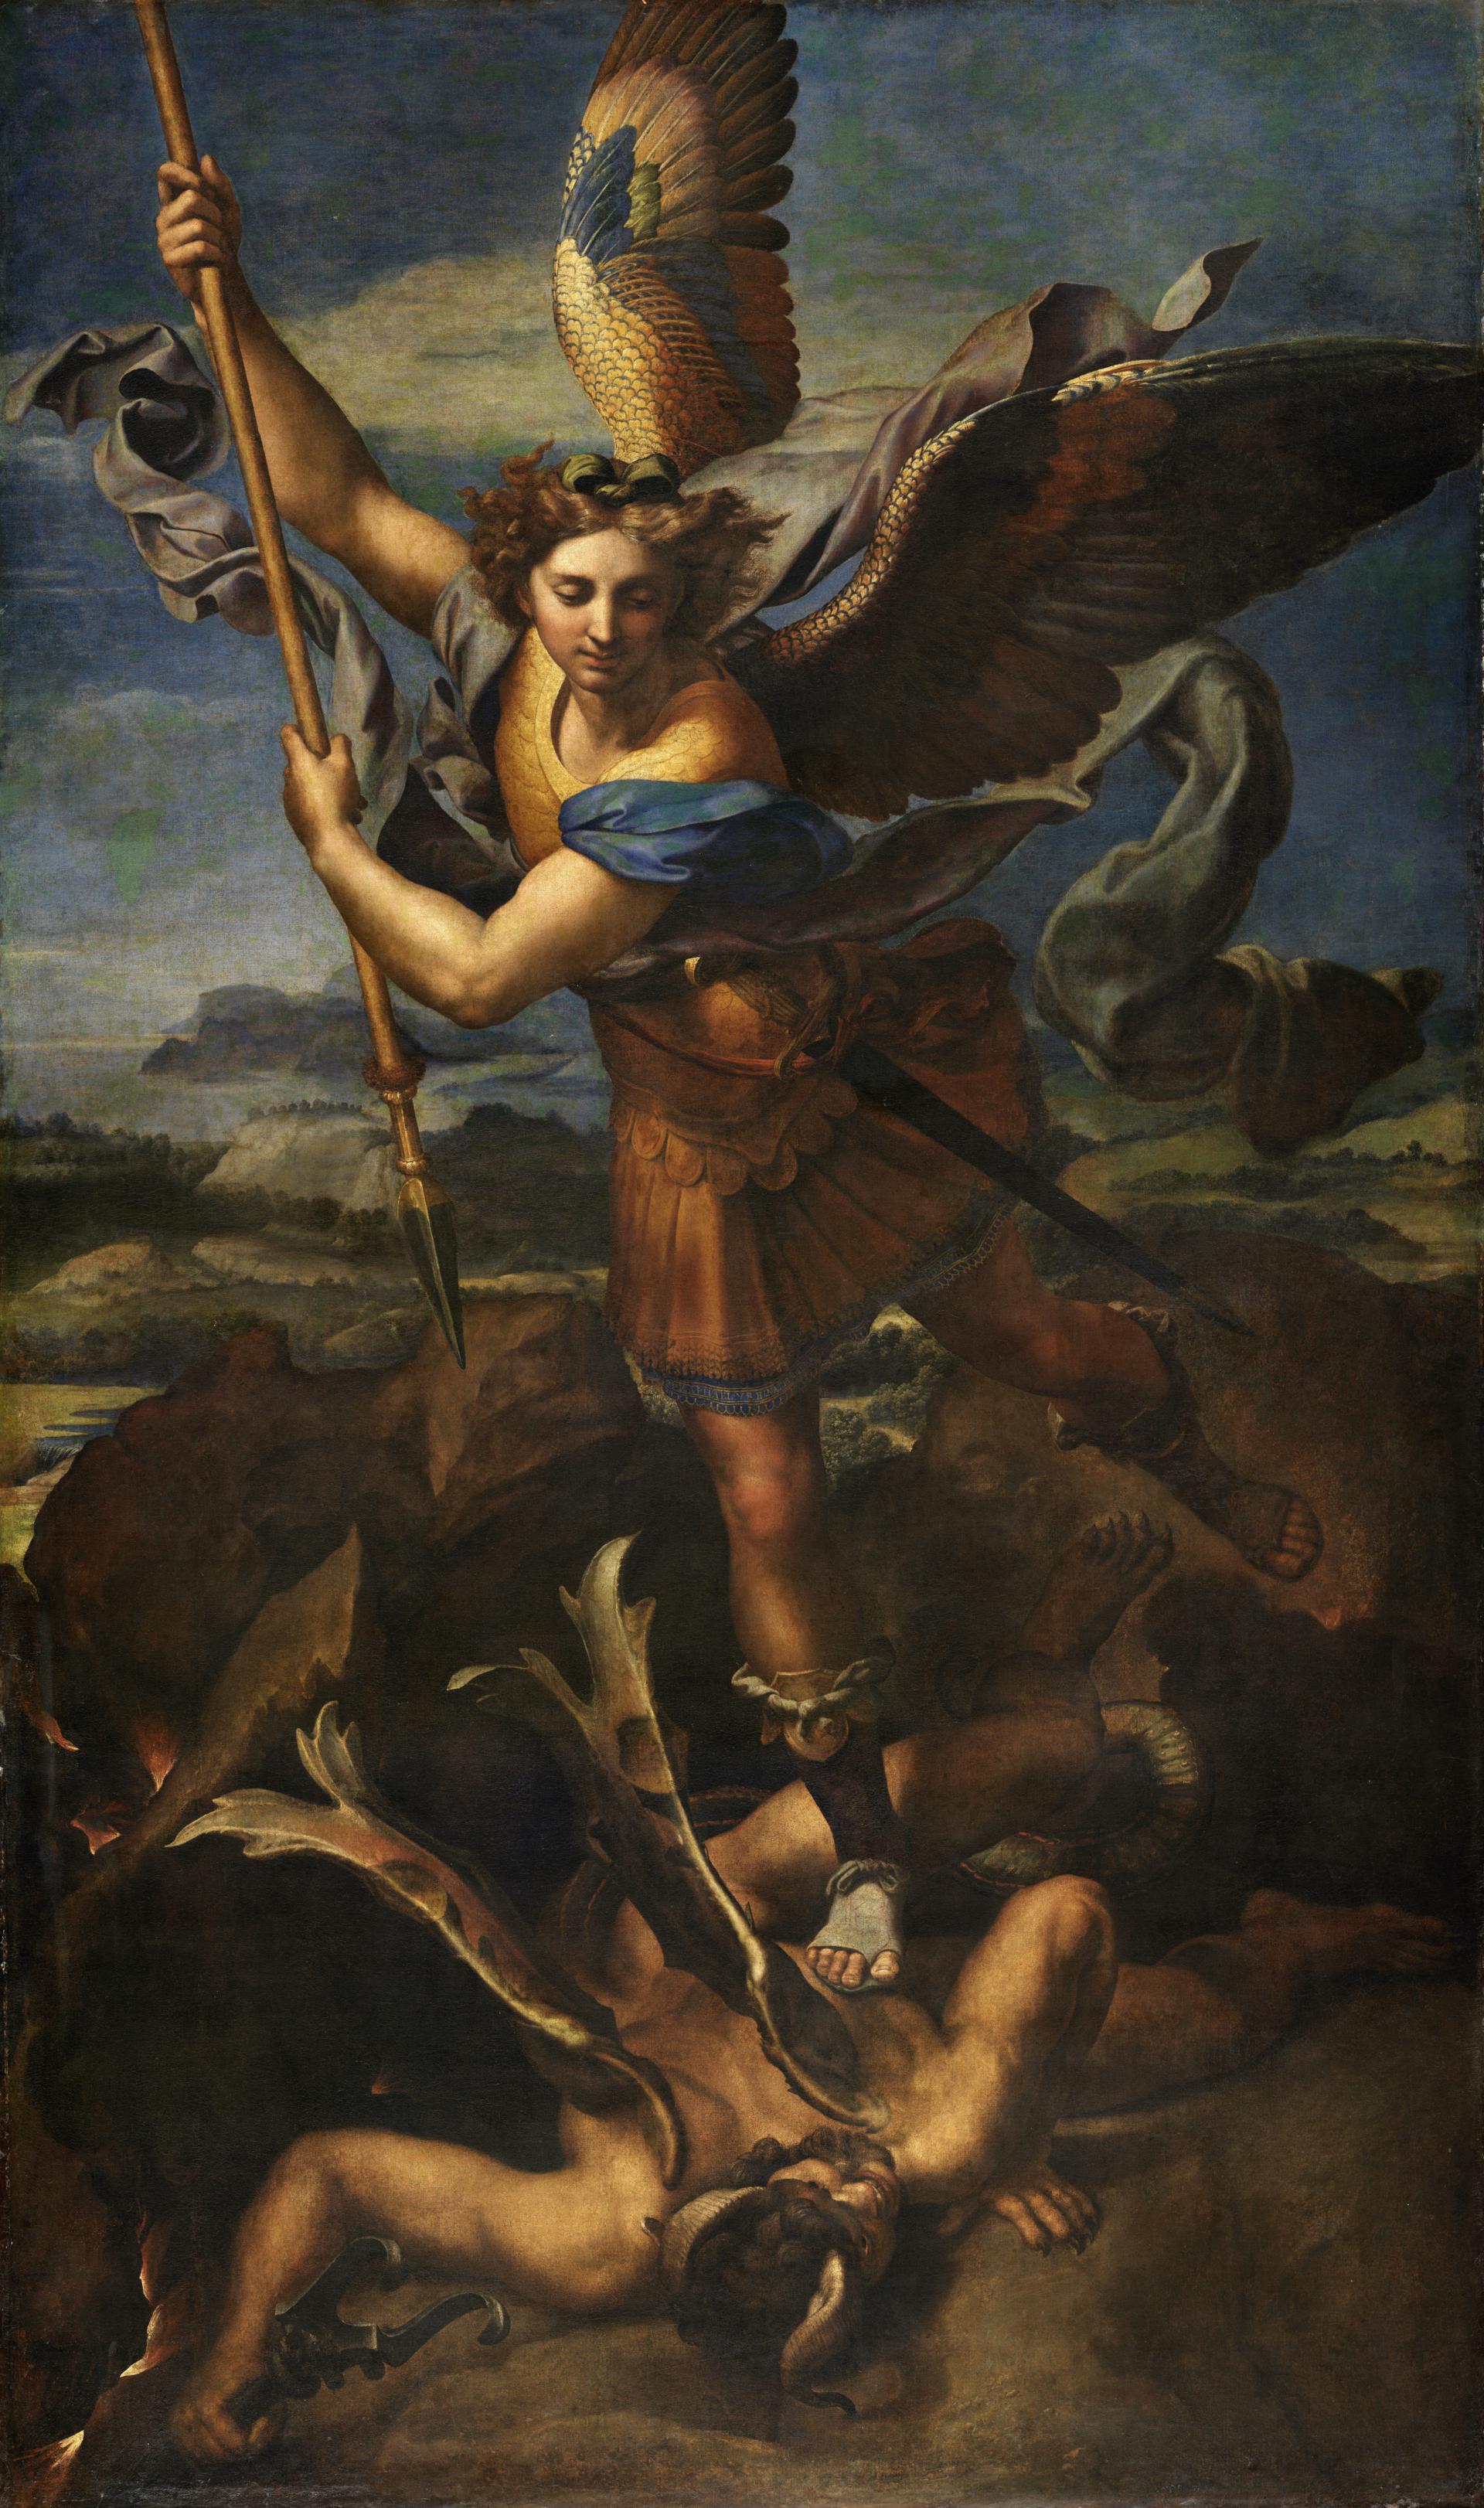 0041_拉斐尔绘画作品集油画专辑TIF-Raffaello-Sanzio-46_5592x9452PX_TIF_72DPI_154_0